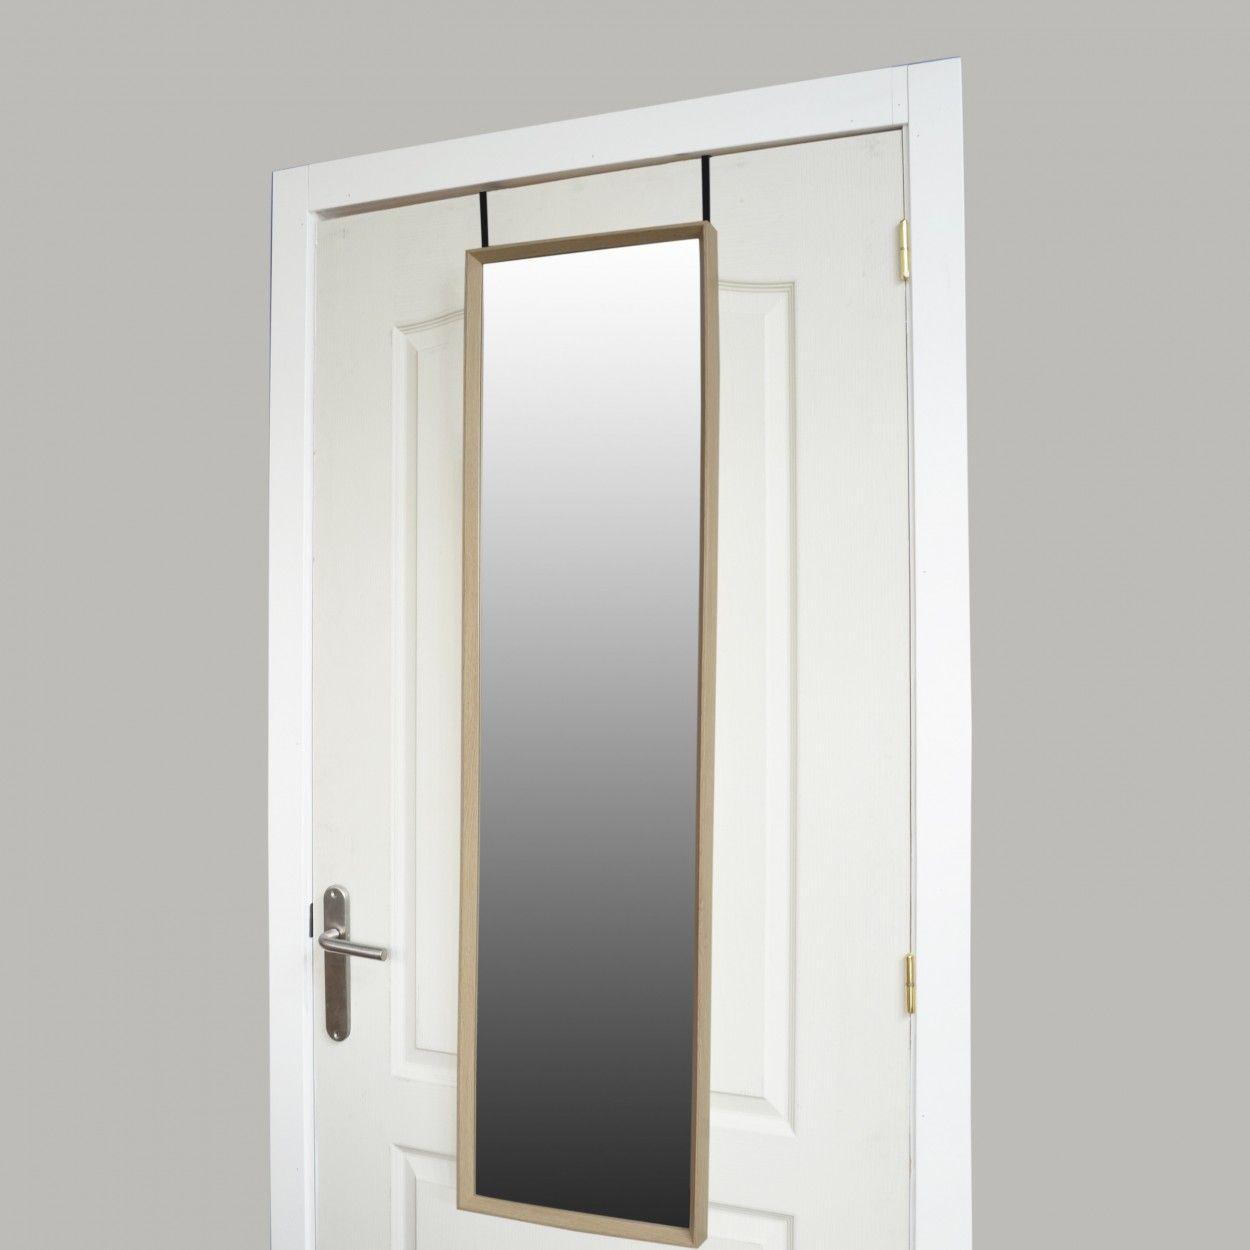 Espejo para puerta de dormitorio bassic hogar y m s for Puertas para dormitorios madera